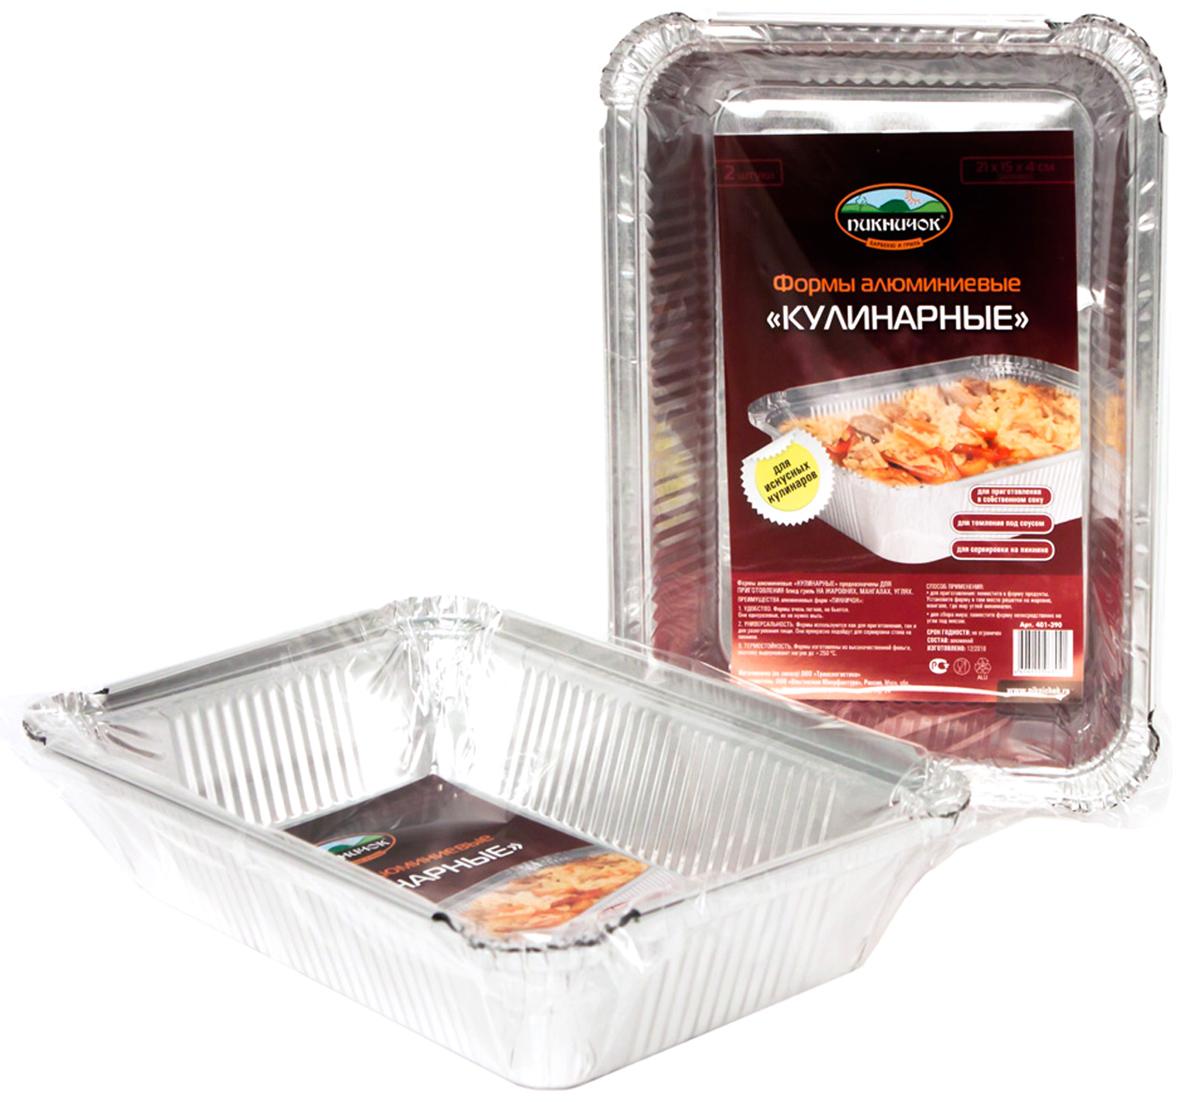 """Формы алюминиевые Пикничок """"Кулинарные"""" являются альтернативой одноразовой посуде на природе. Они многофункциональны и удобны в применении, а так же сохраняют свежесть приготовленных блюд."""